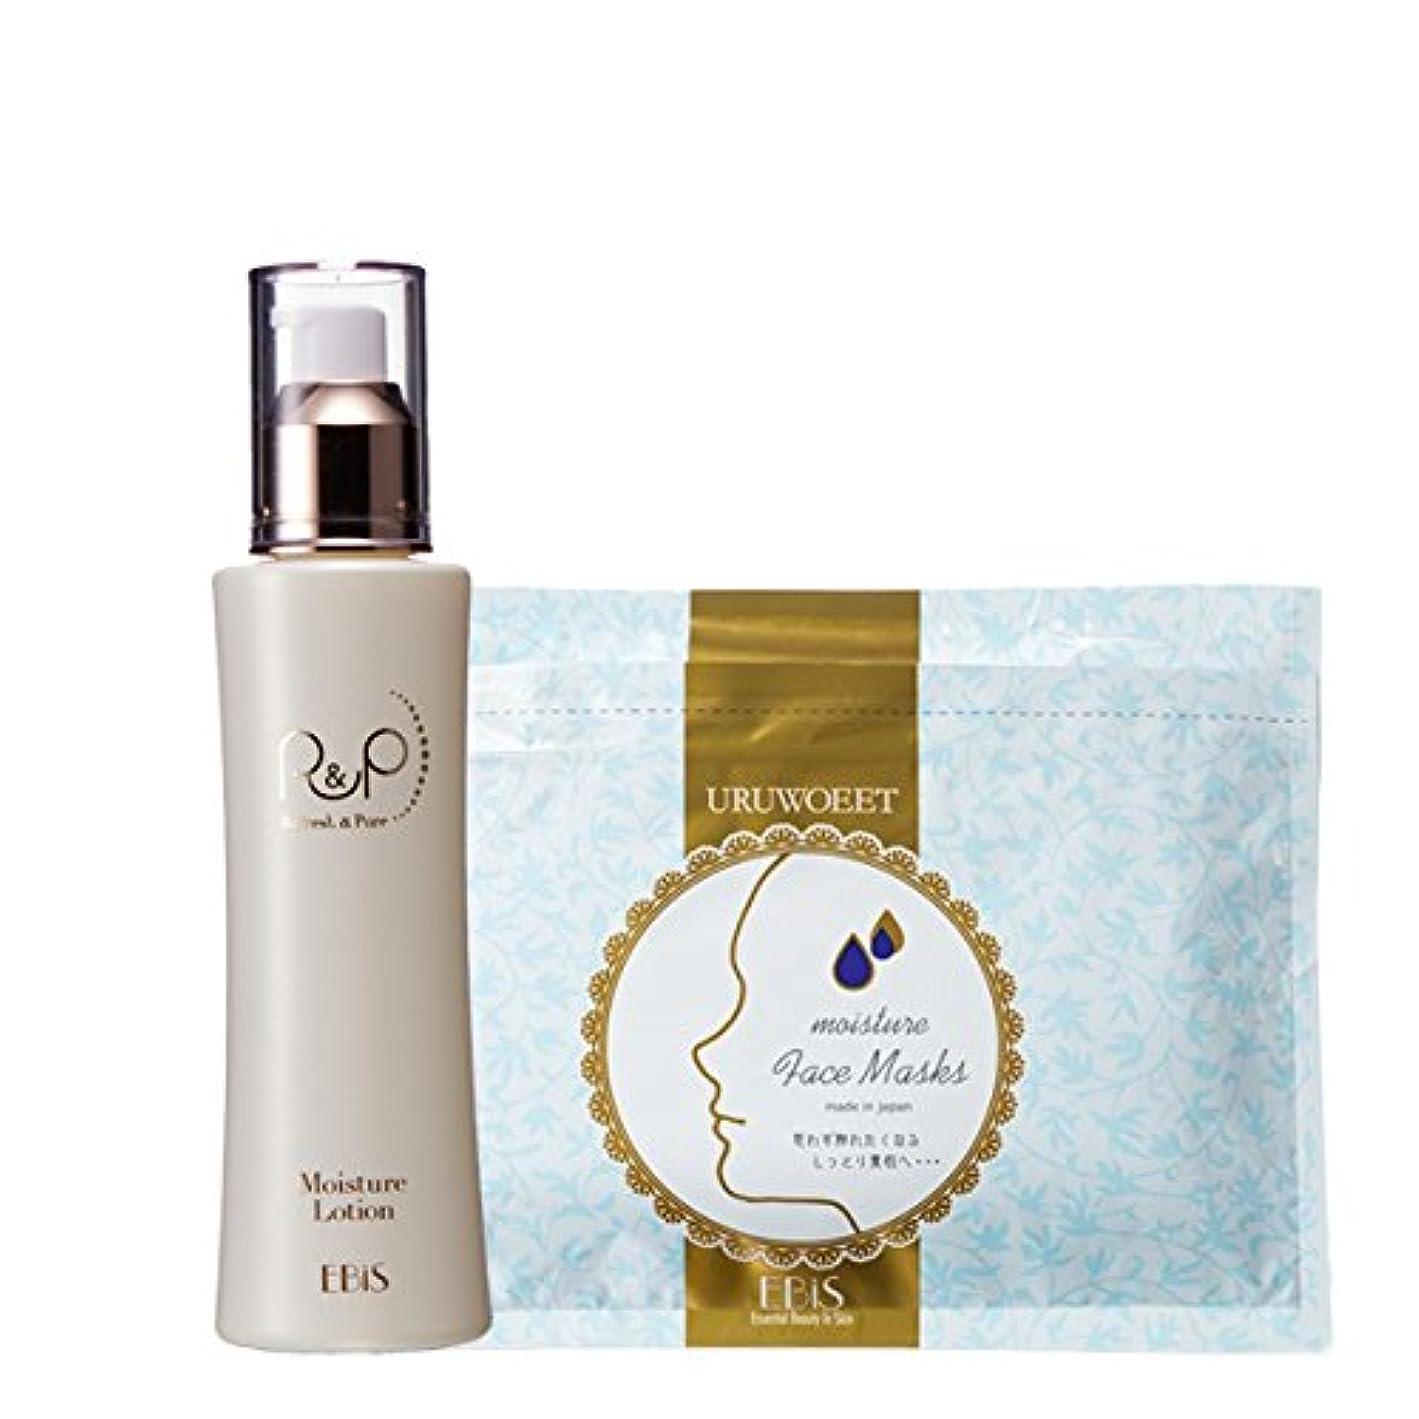 ペパーミント酸素ドラゴンエビス化粧品(EBiS)【モイスチャーローション125ml】【ウルオイートN美容マスク36枚】セット フェイスパック 化粧水